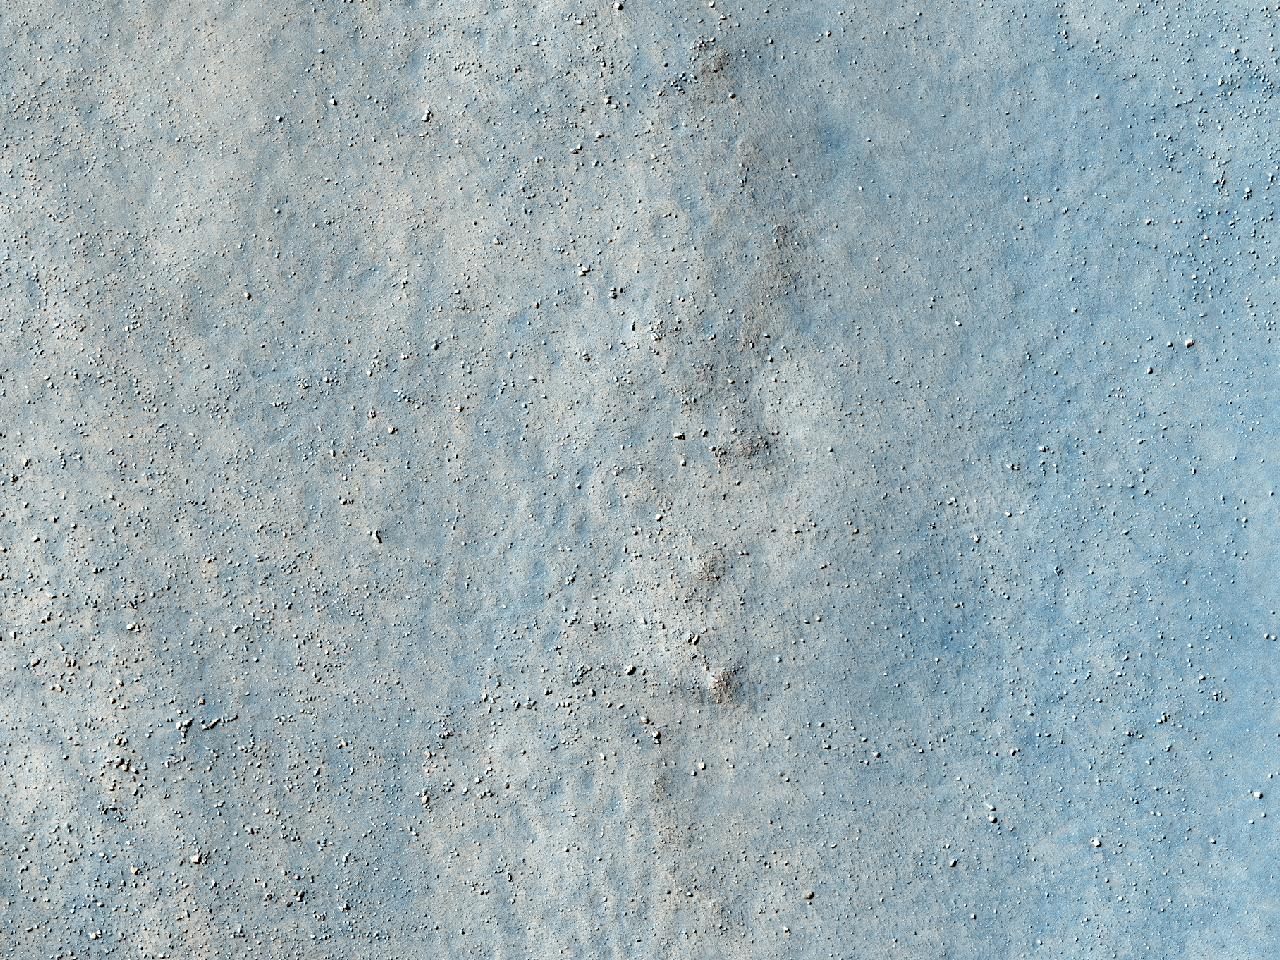 Solum crateris obsolefactum